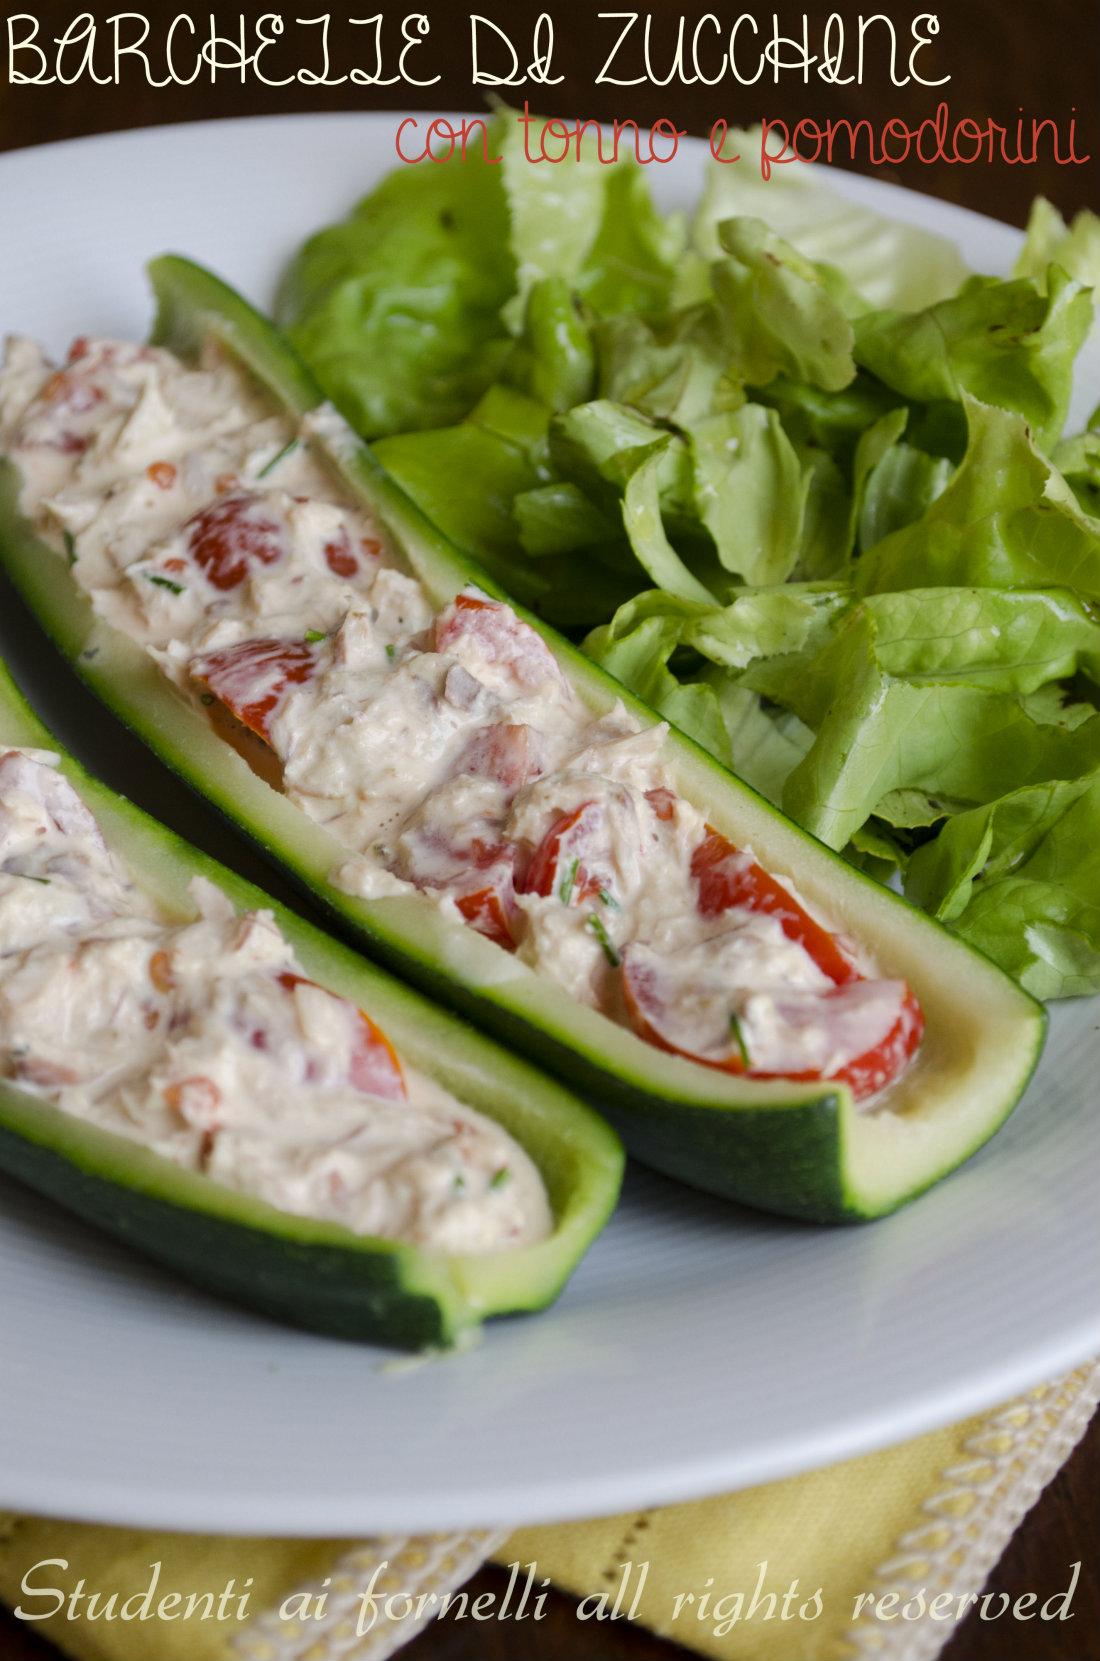 barchette di zucchine fredde con tonno pomodorini e maionese ricetta estiva  sfiziosa